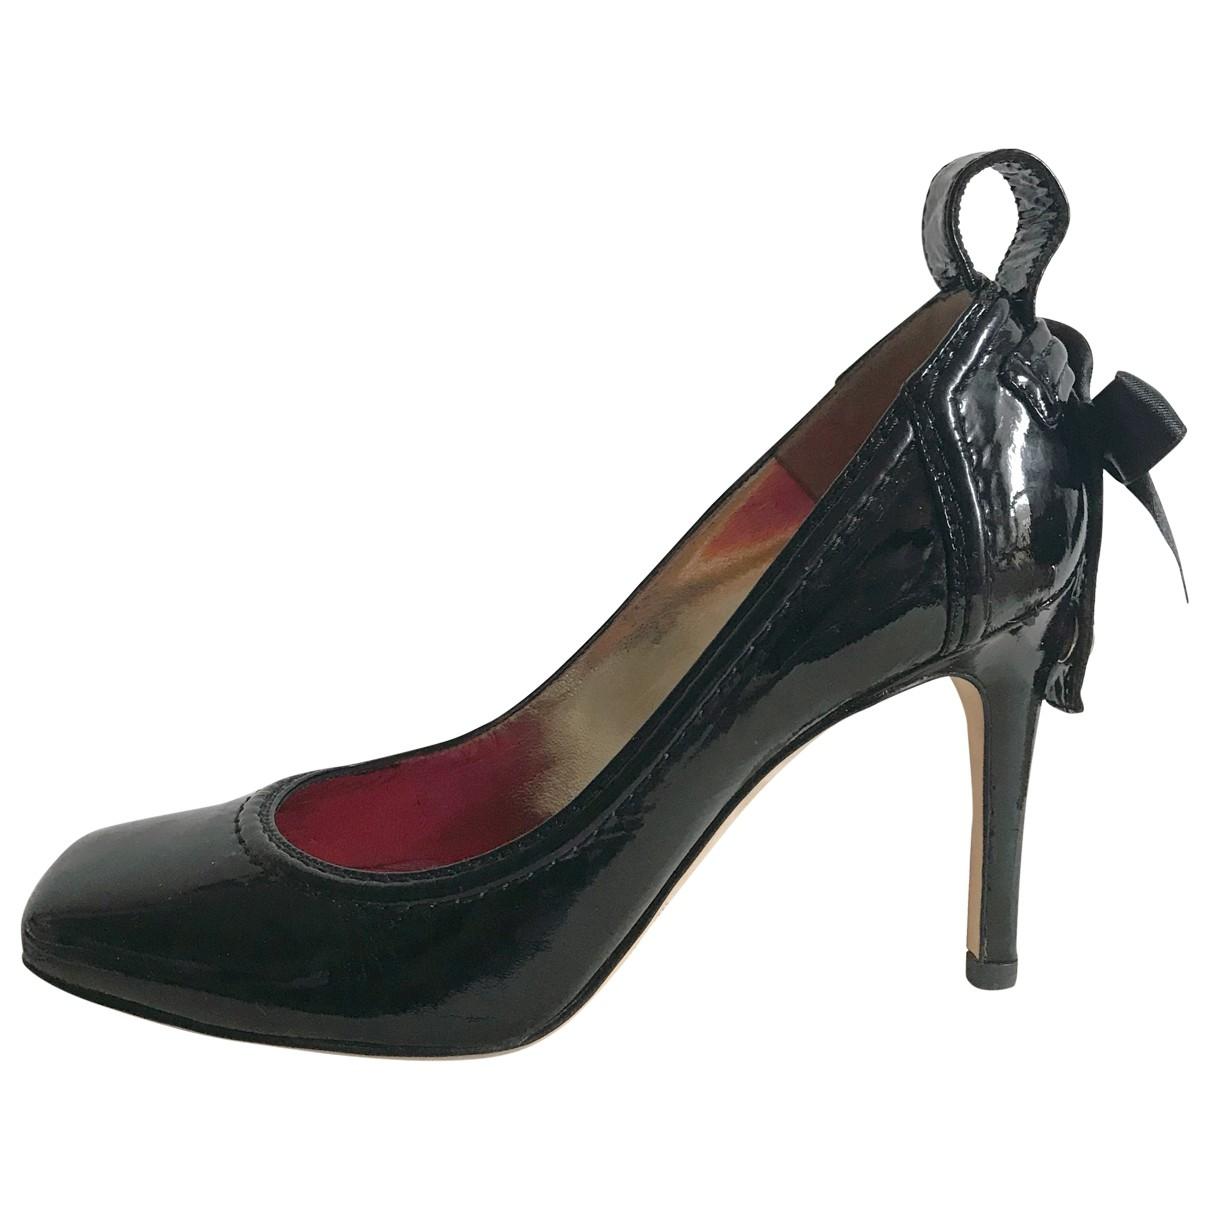 Dsquared2 - Escarpins   pour femme en cuir verni - noir